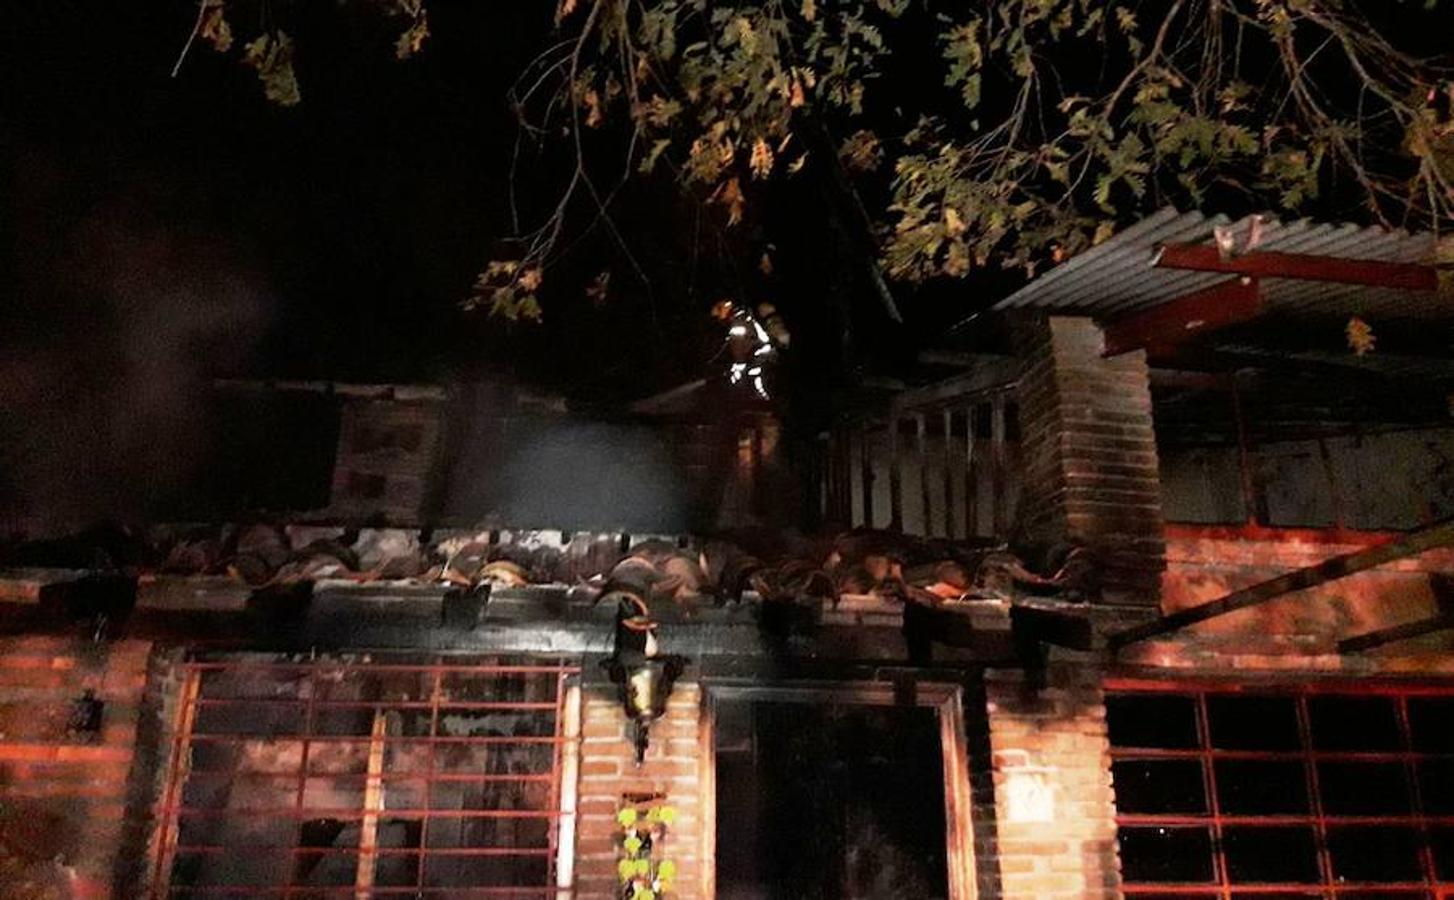 Arde una casa rural en Los Minchones